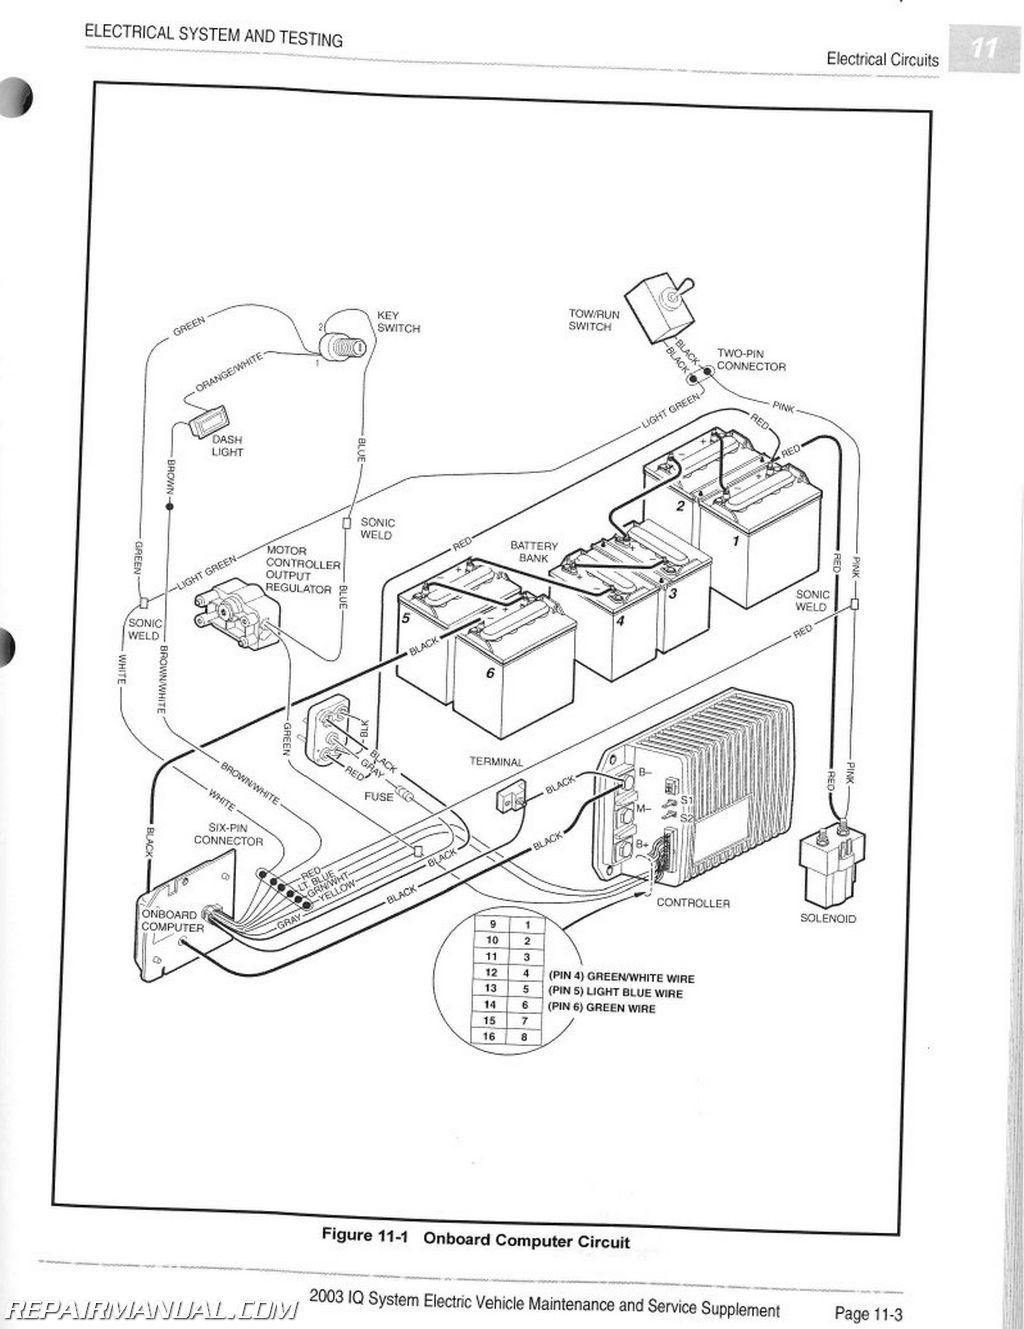 2005 club car ds wiring diagram al 0171  light wiring diagram gas club car golf cart wiring  light wiring diagram gas club car golf